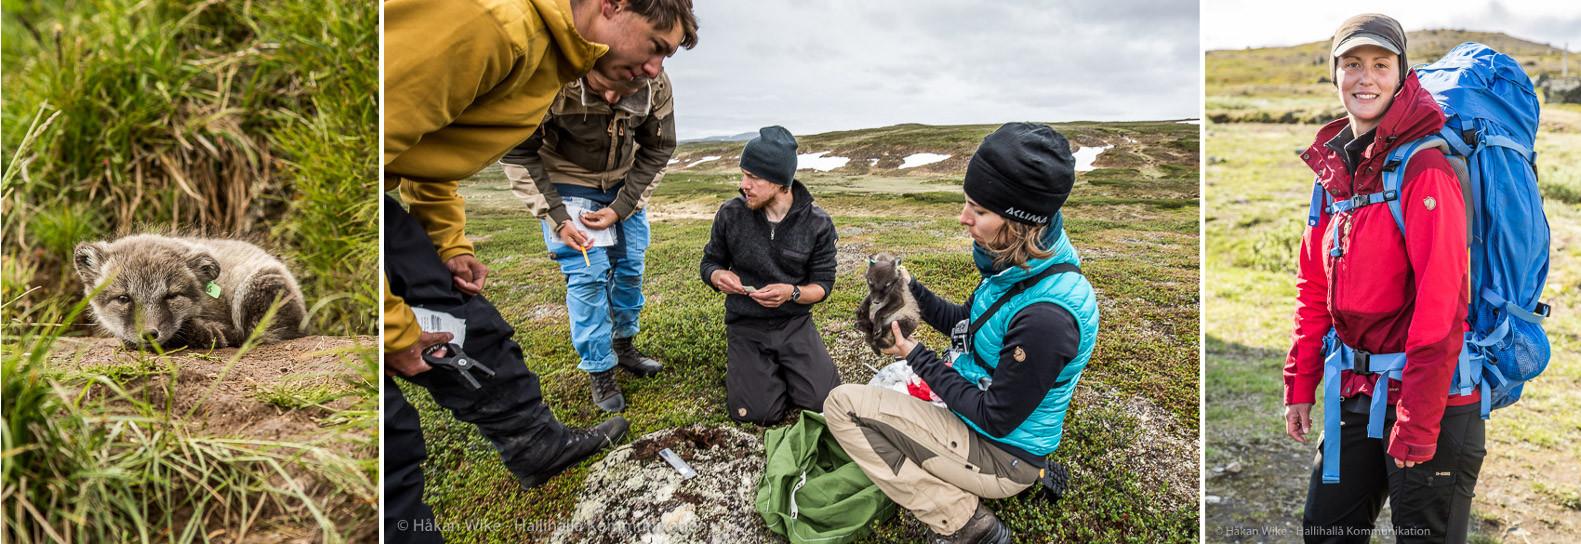 Von Fjäll Räven finanziertes Forschungsprojekt in Lappland